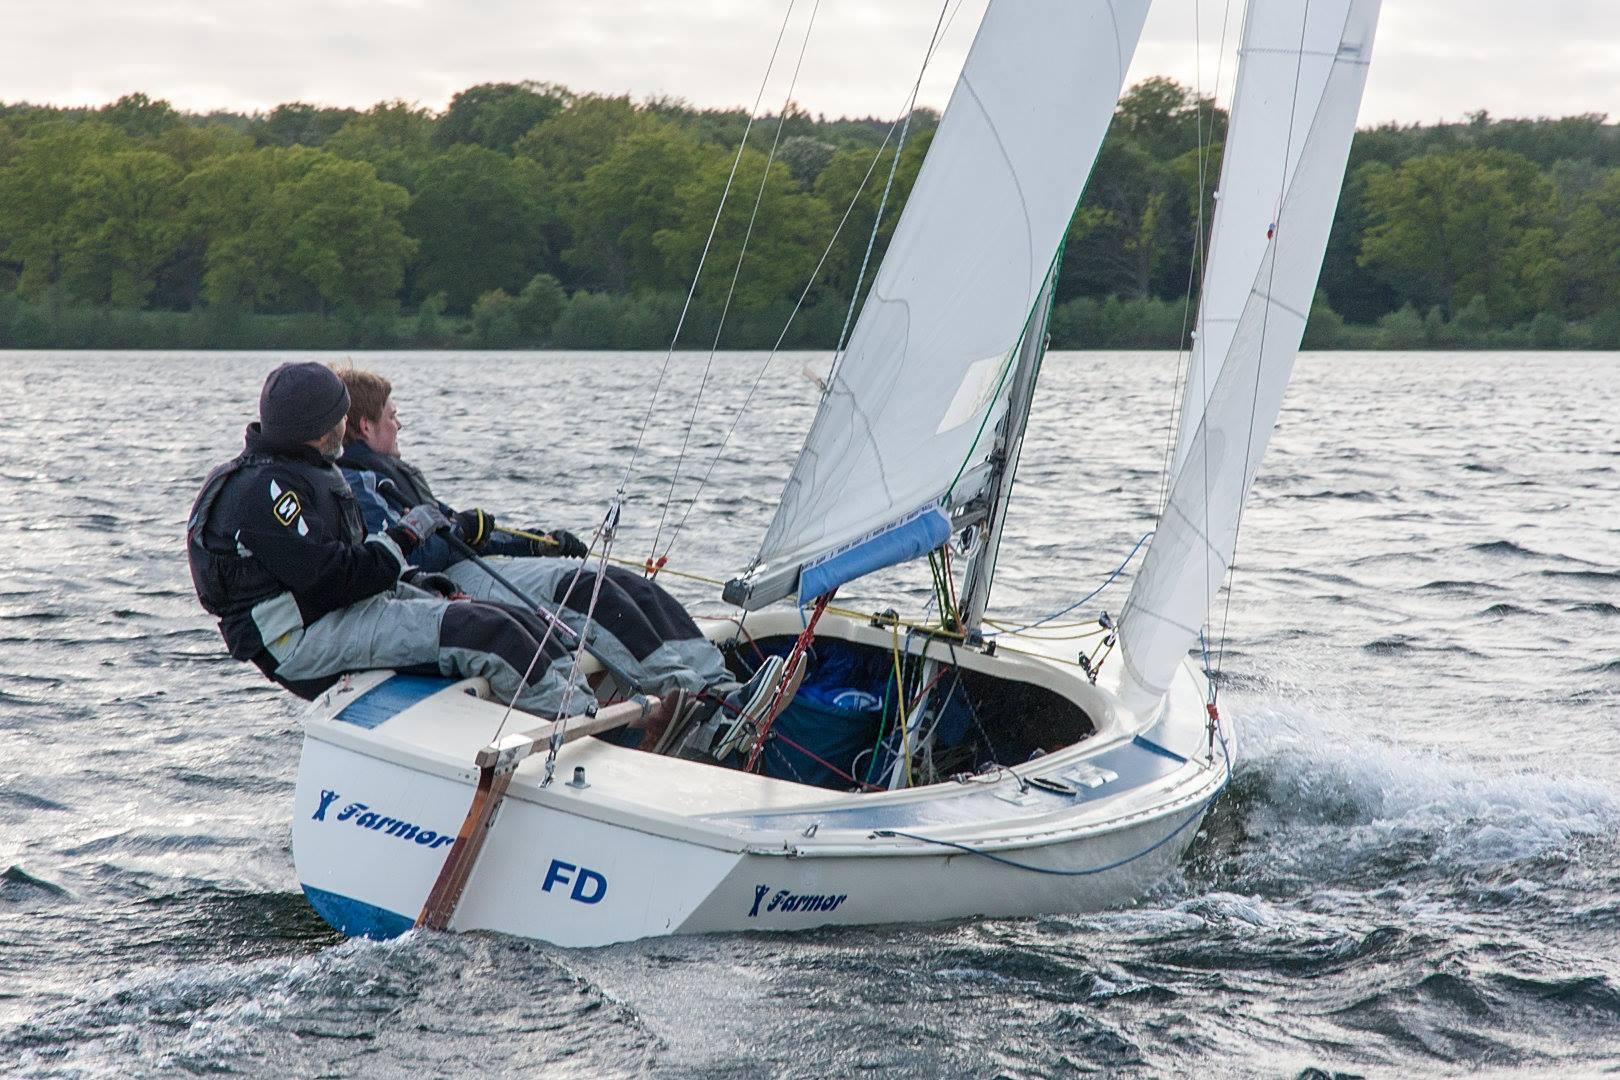 I alt 11 både mødte frem til en fantastisk weekend, det både vejr og vindmæssigt.